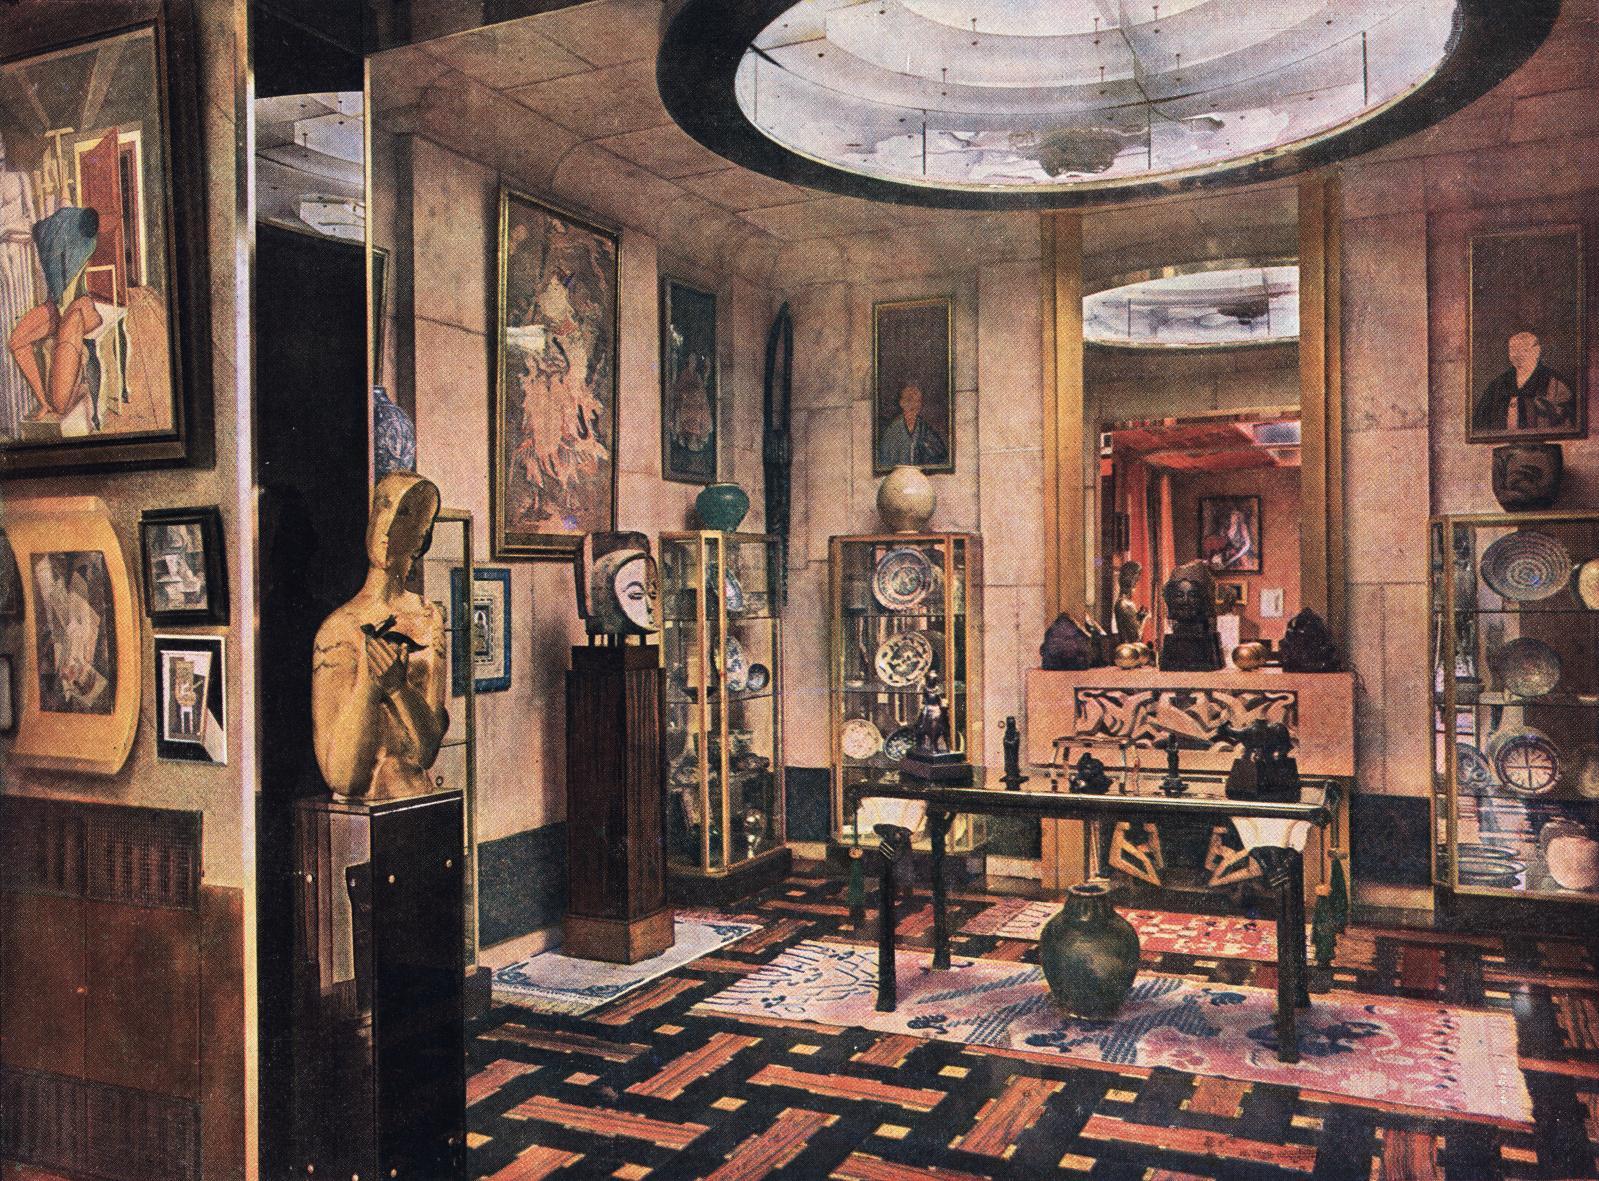 Cabinet d'Orient du Studio de l'hôtel rue Saint-James, vue d'ensemble, photographie publiée dans l'Illustration, n°4548, 3 mai 1930.